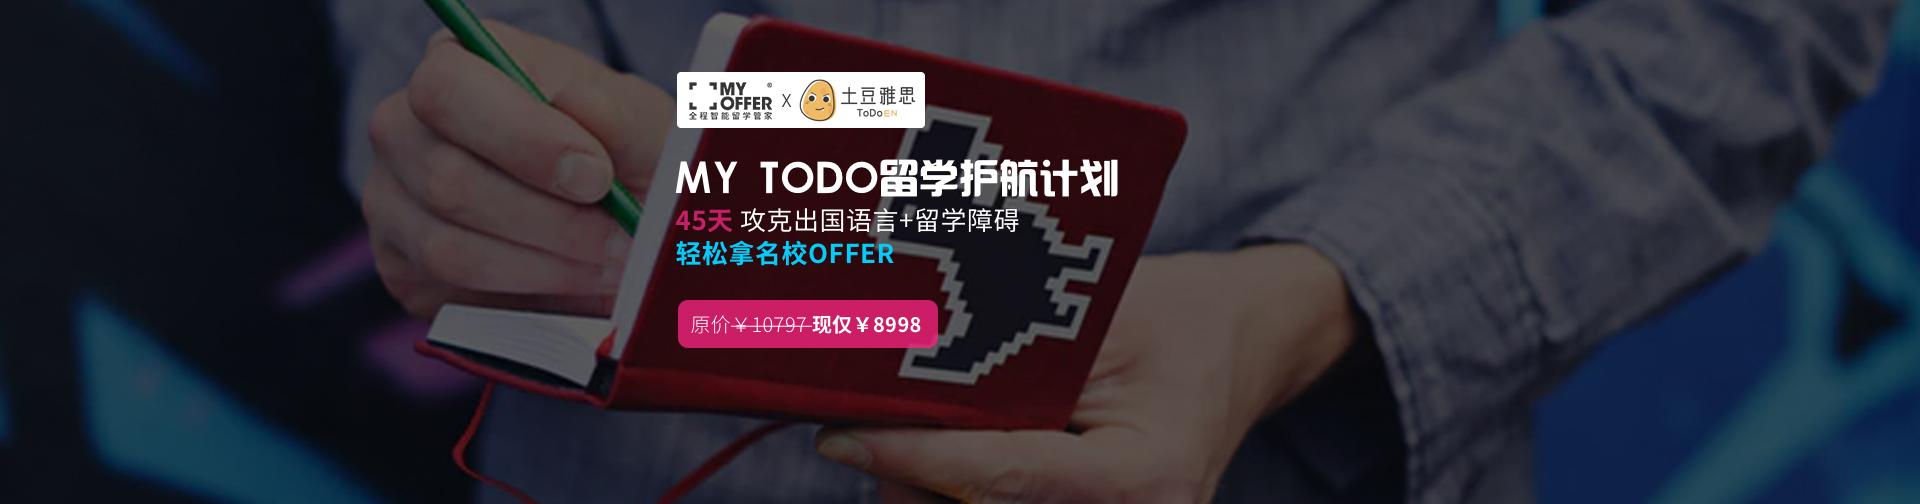 http://myoffer-public.oss-cn-shenzhen.aliyuncs.com/banners/6e8bdcb337cf1e3185125c5cd71c767a-274349-1920x504.jpeg